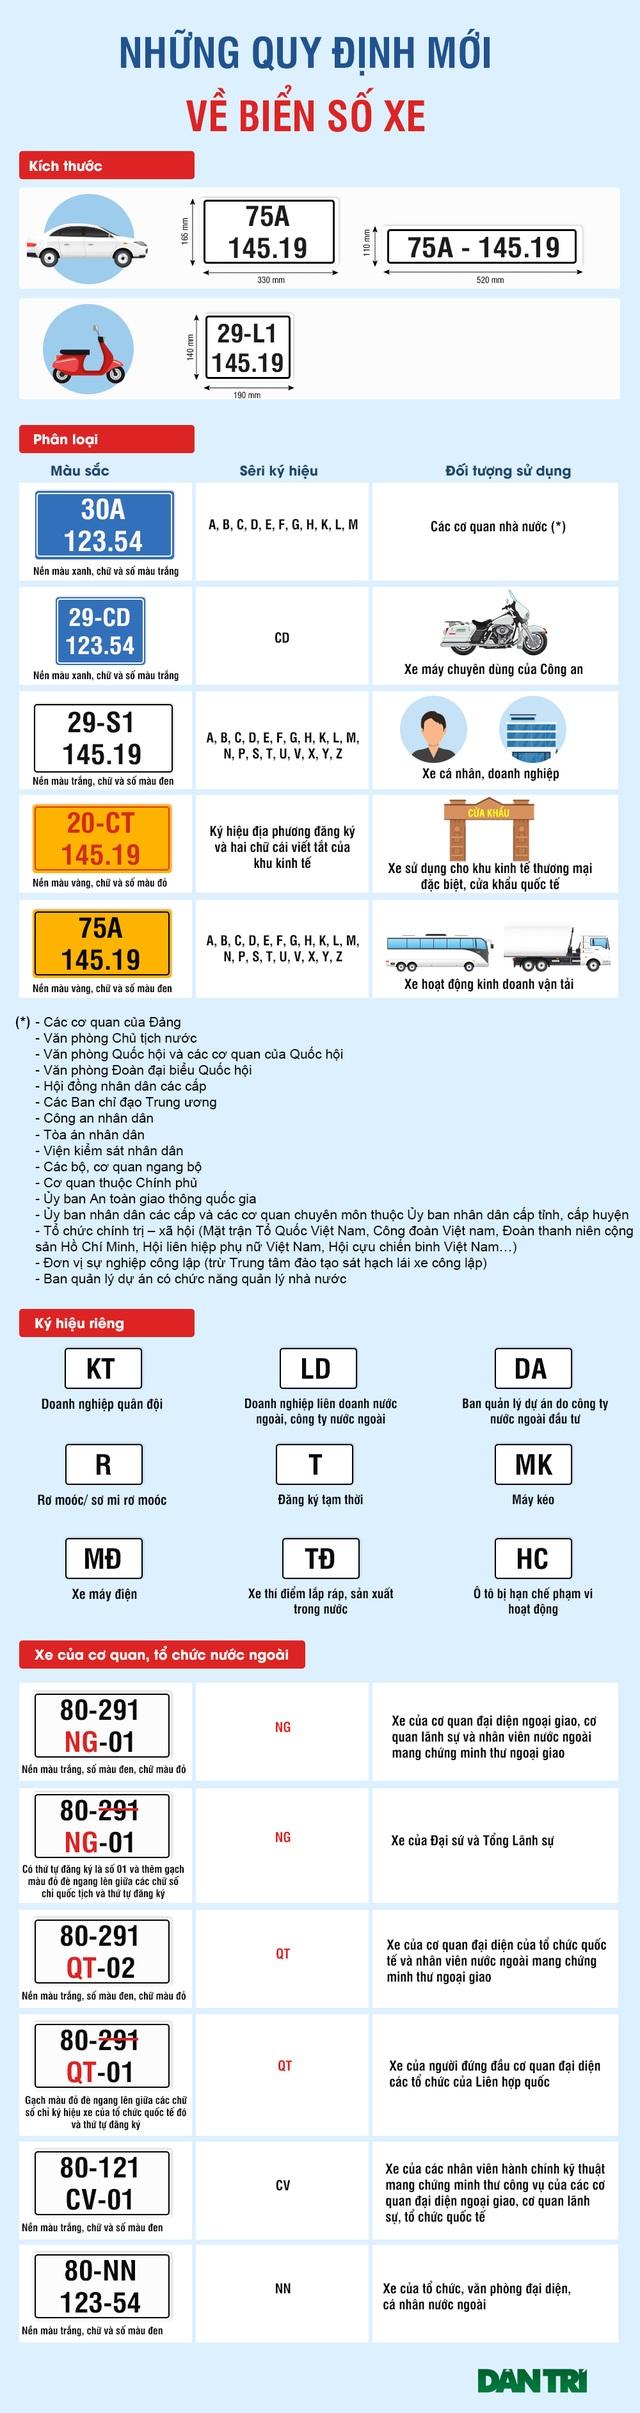 Biển số xe - Những quy định mới cần biết - 1